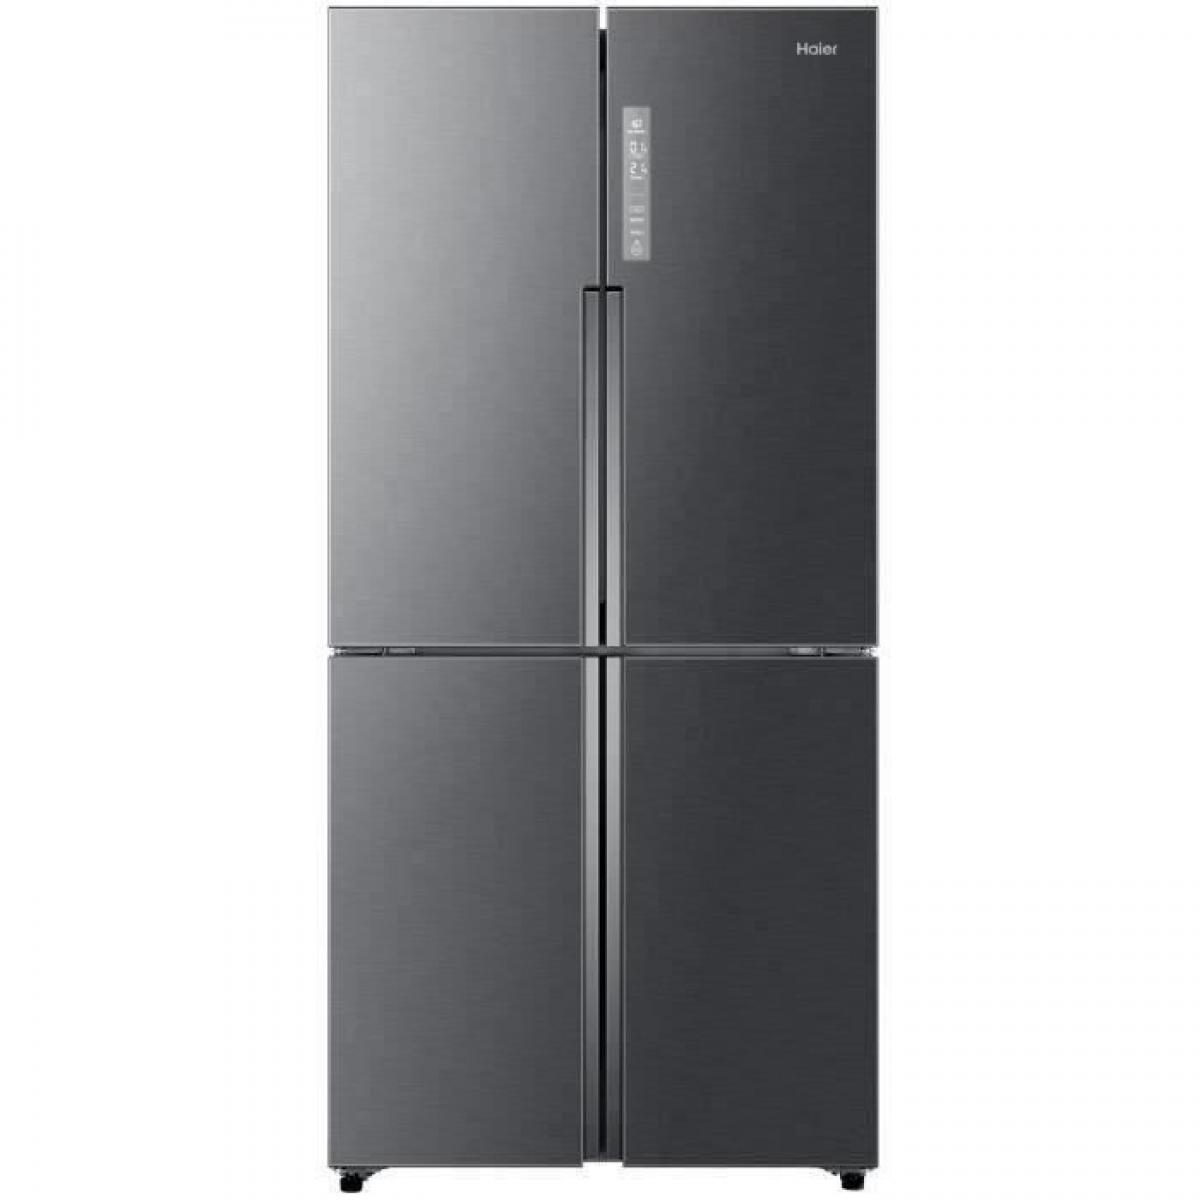 Haier - HAIER HTF-458DG6 - Réfrigérateur multi-portes - 456L (316+140) - Froid ventilé - A+ - L83.3 x H180.4 - Inox